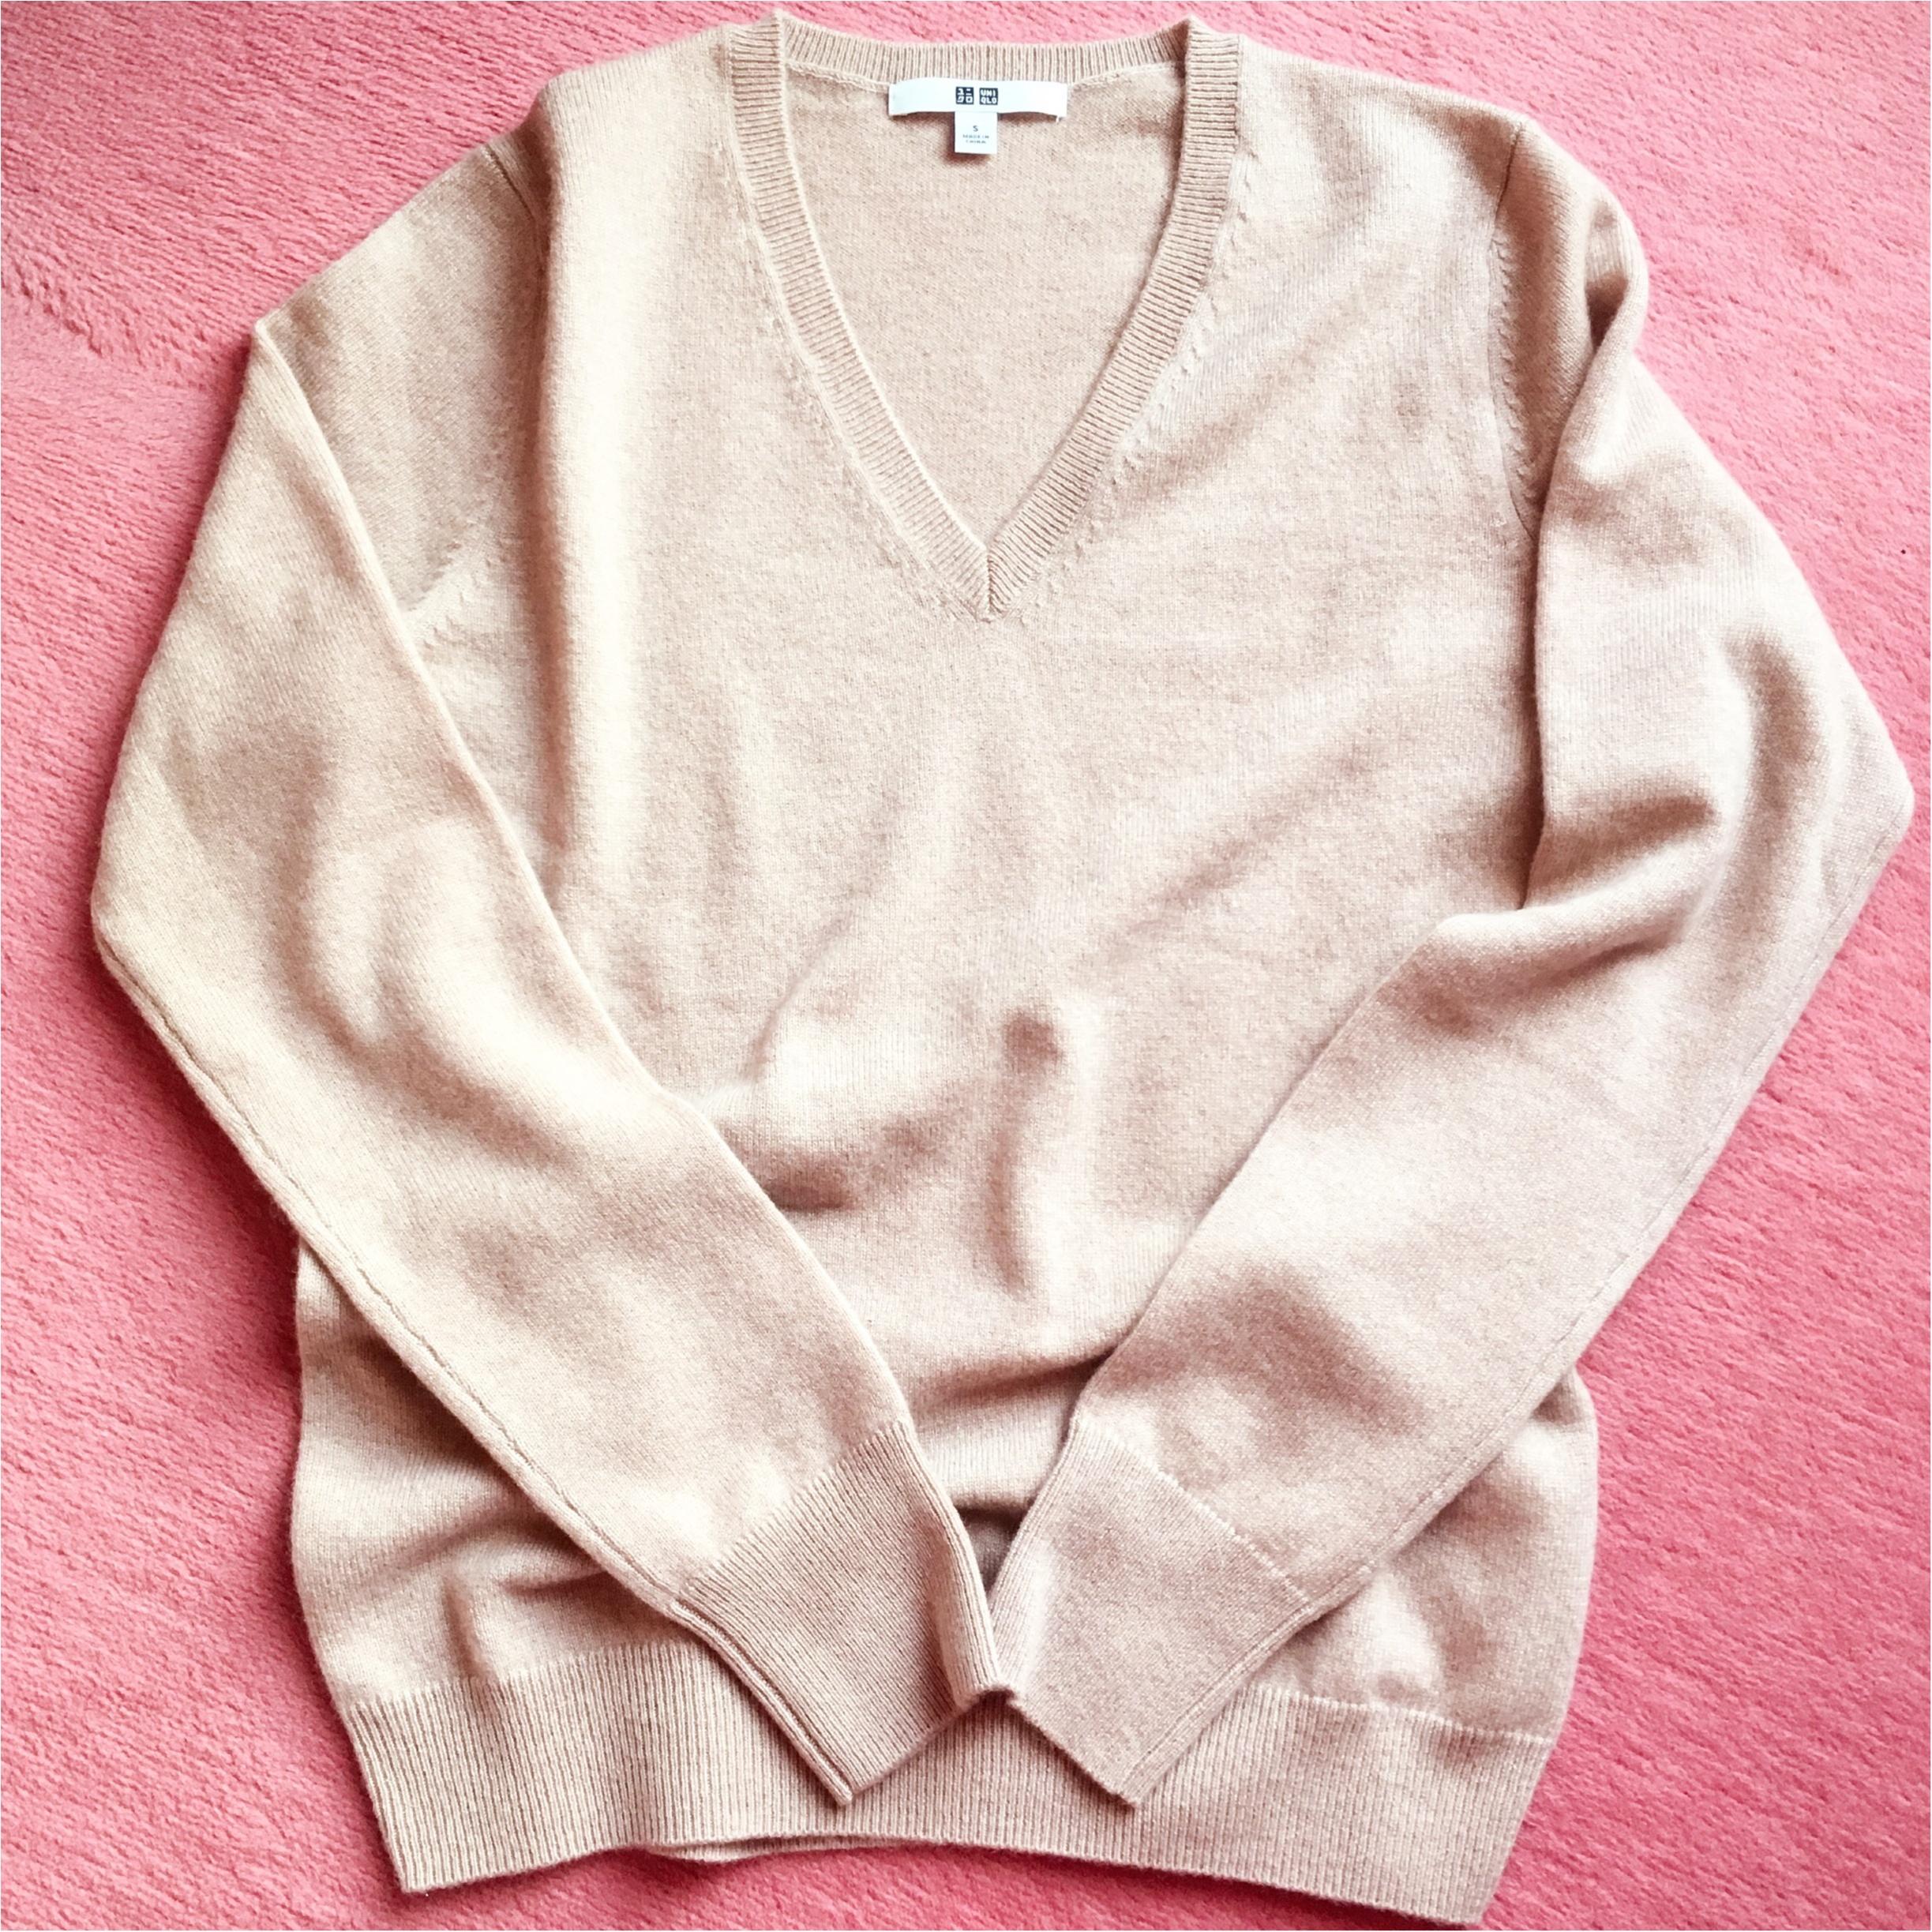 【UNIQLO】カシミヤセーターを半額でgetしちゃいました♡【セール】_2